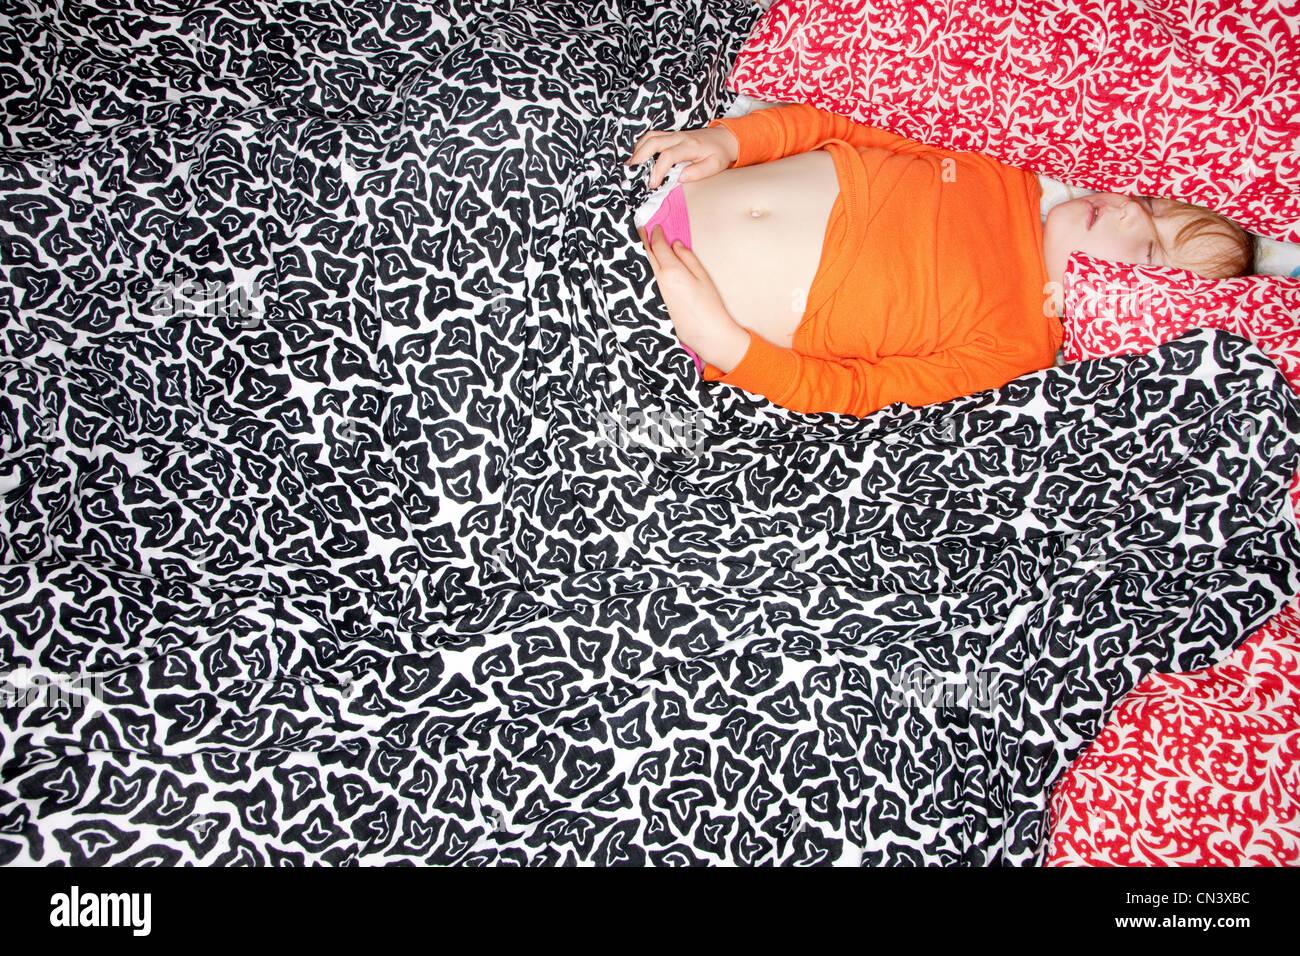 Fille de dormir dans des draps à motifs Photo Stock